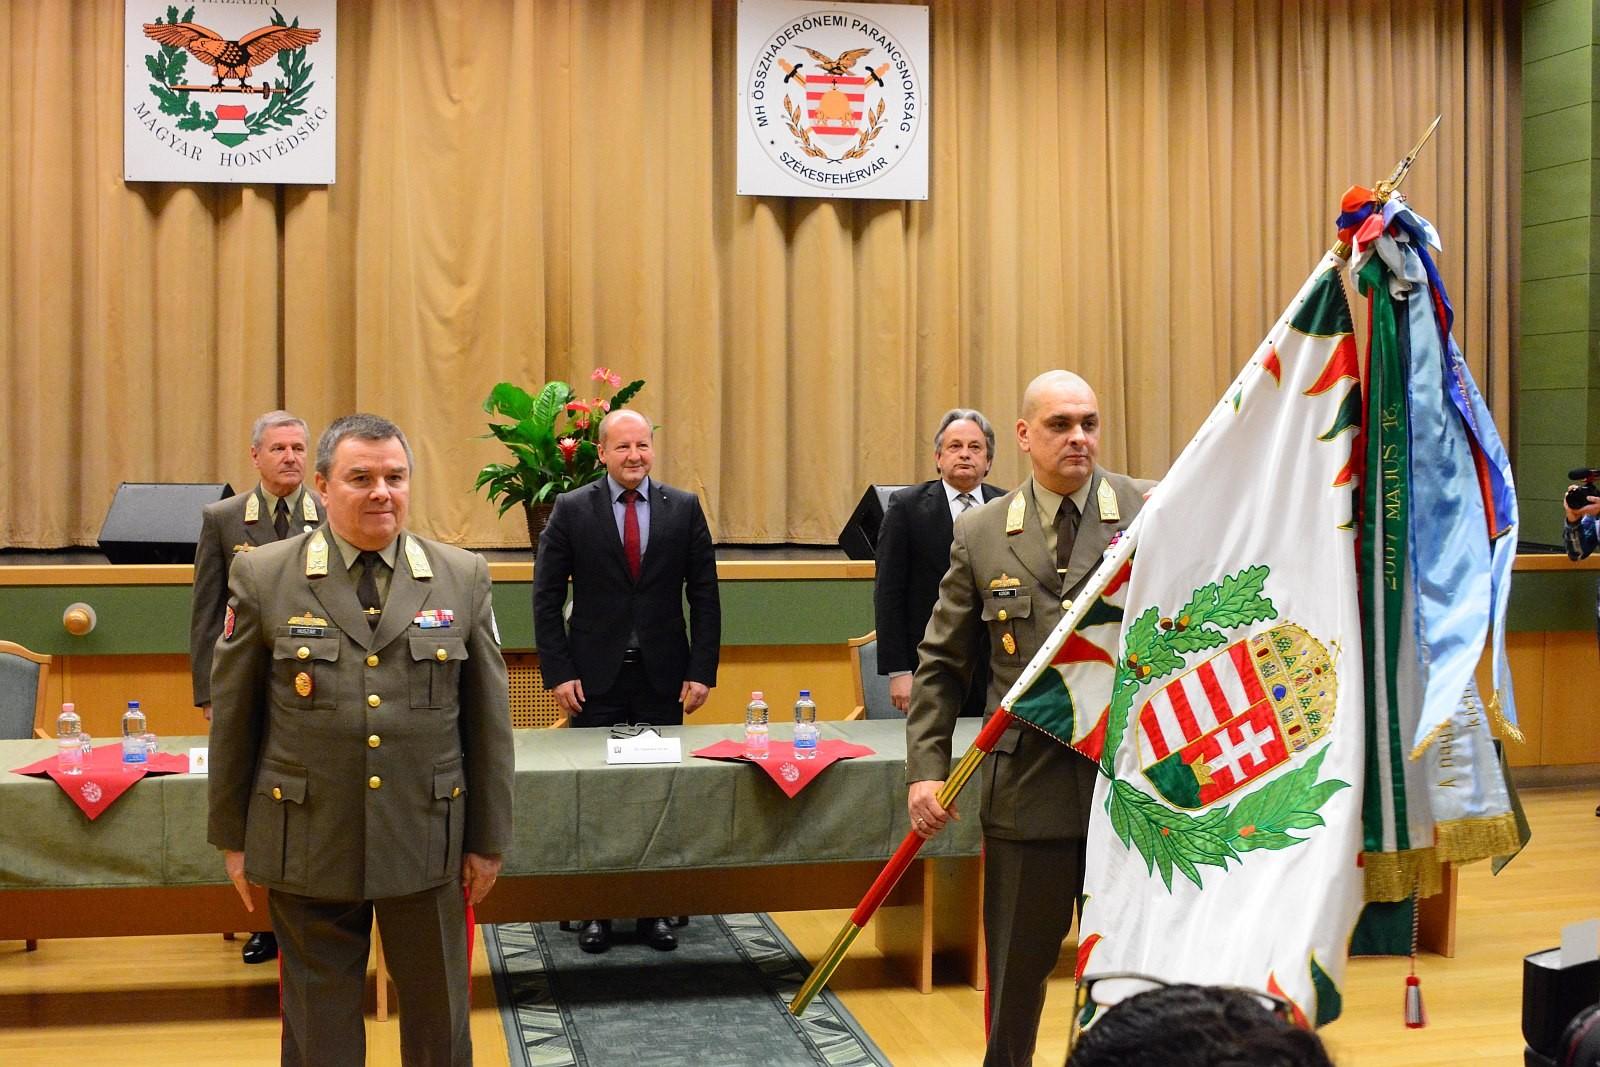 Új parancsnokot avattak az ÖHP élére Székesfehérváron